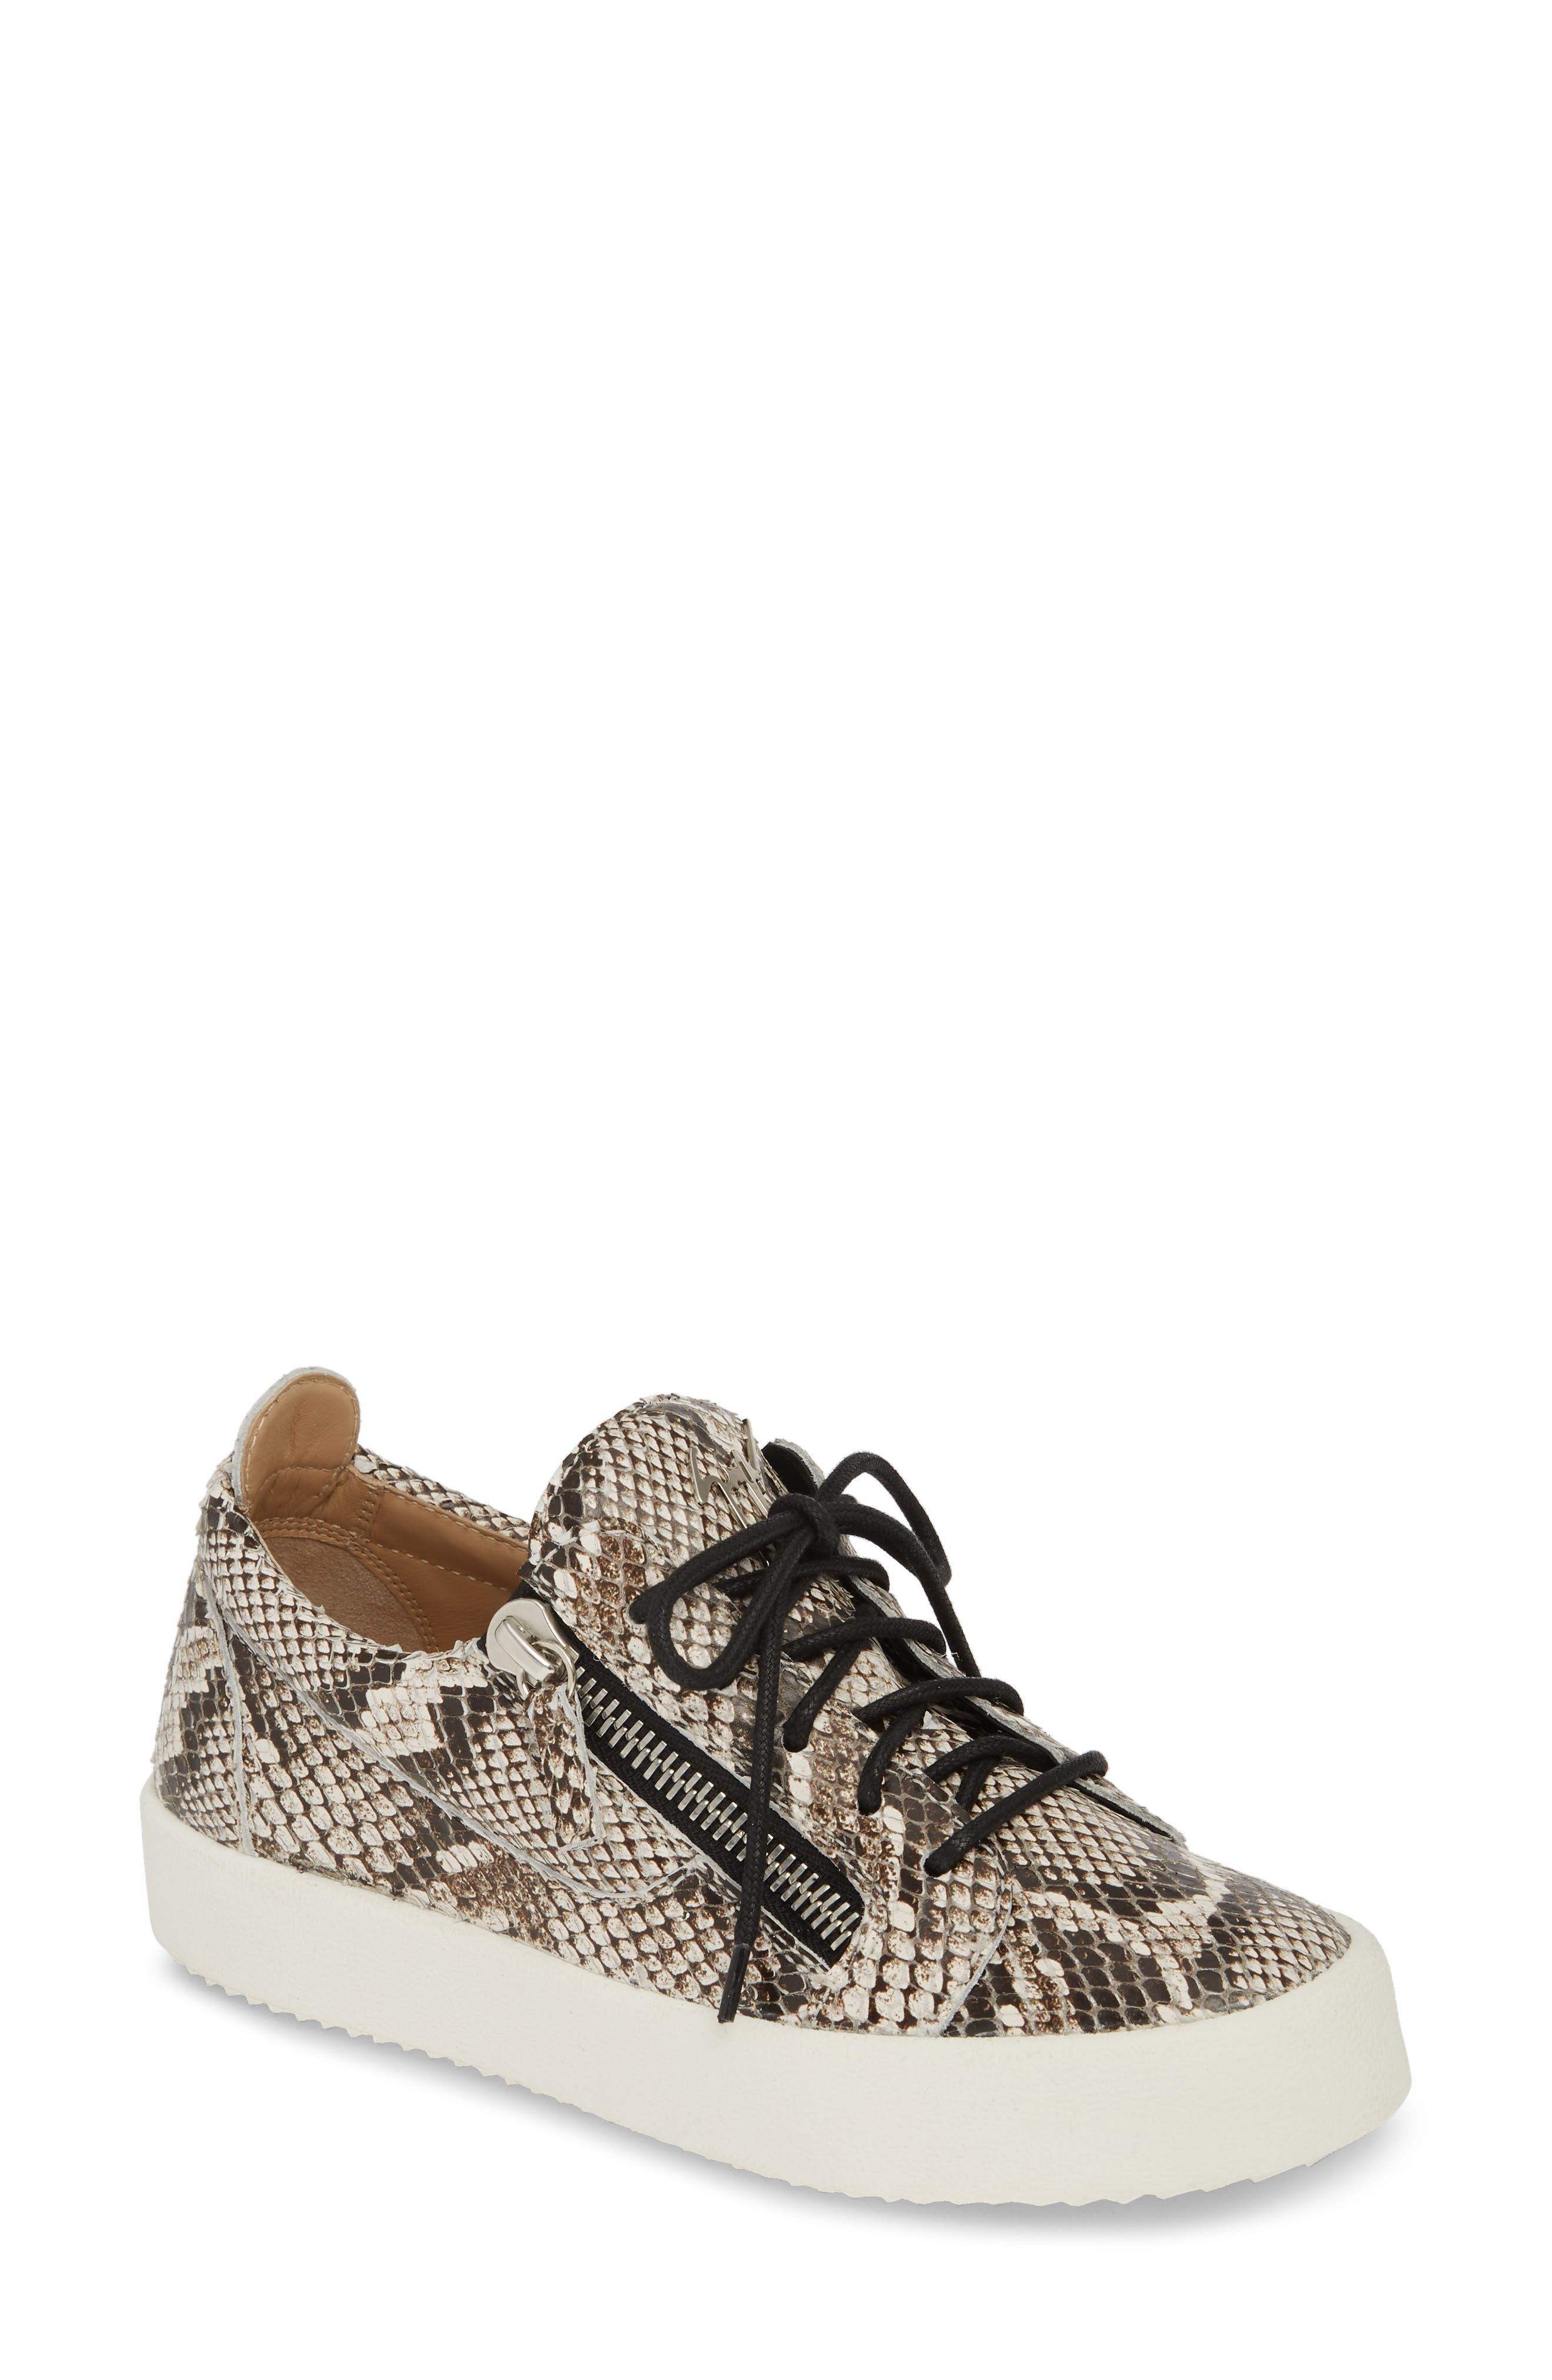 Giuseppe Zanotti May London Low Top Sneaker, Beige